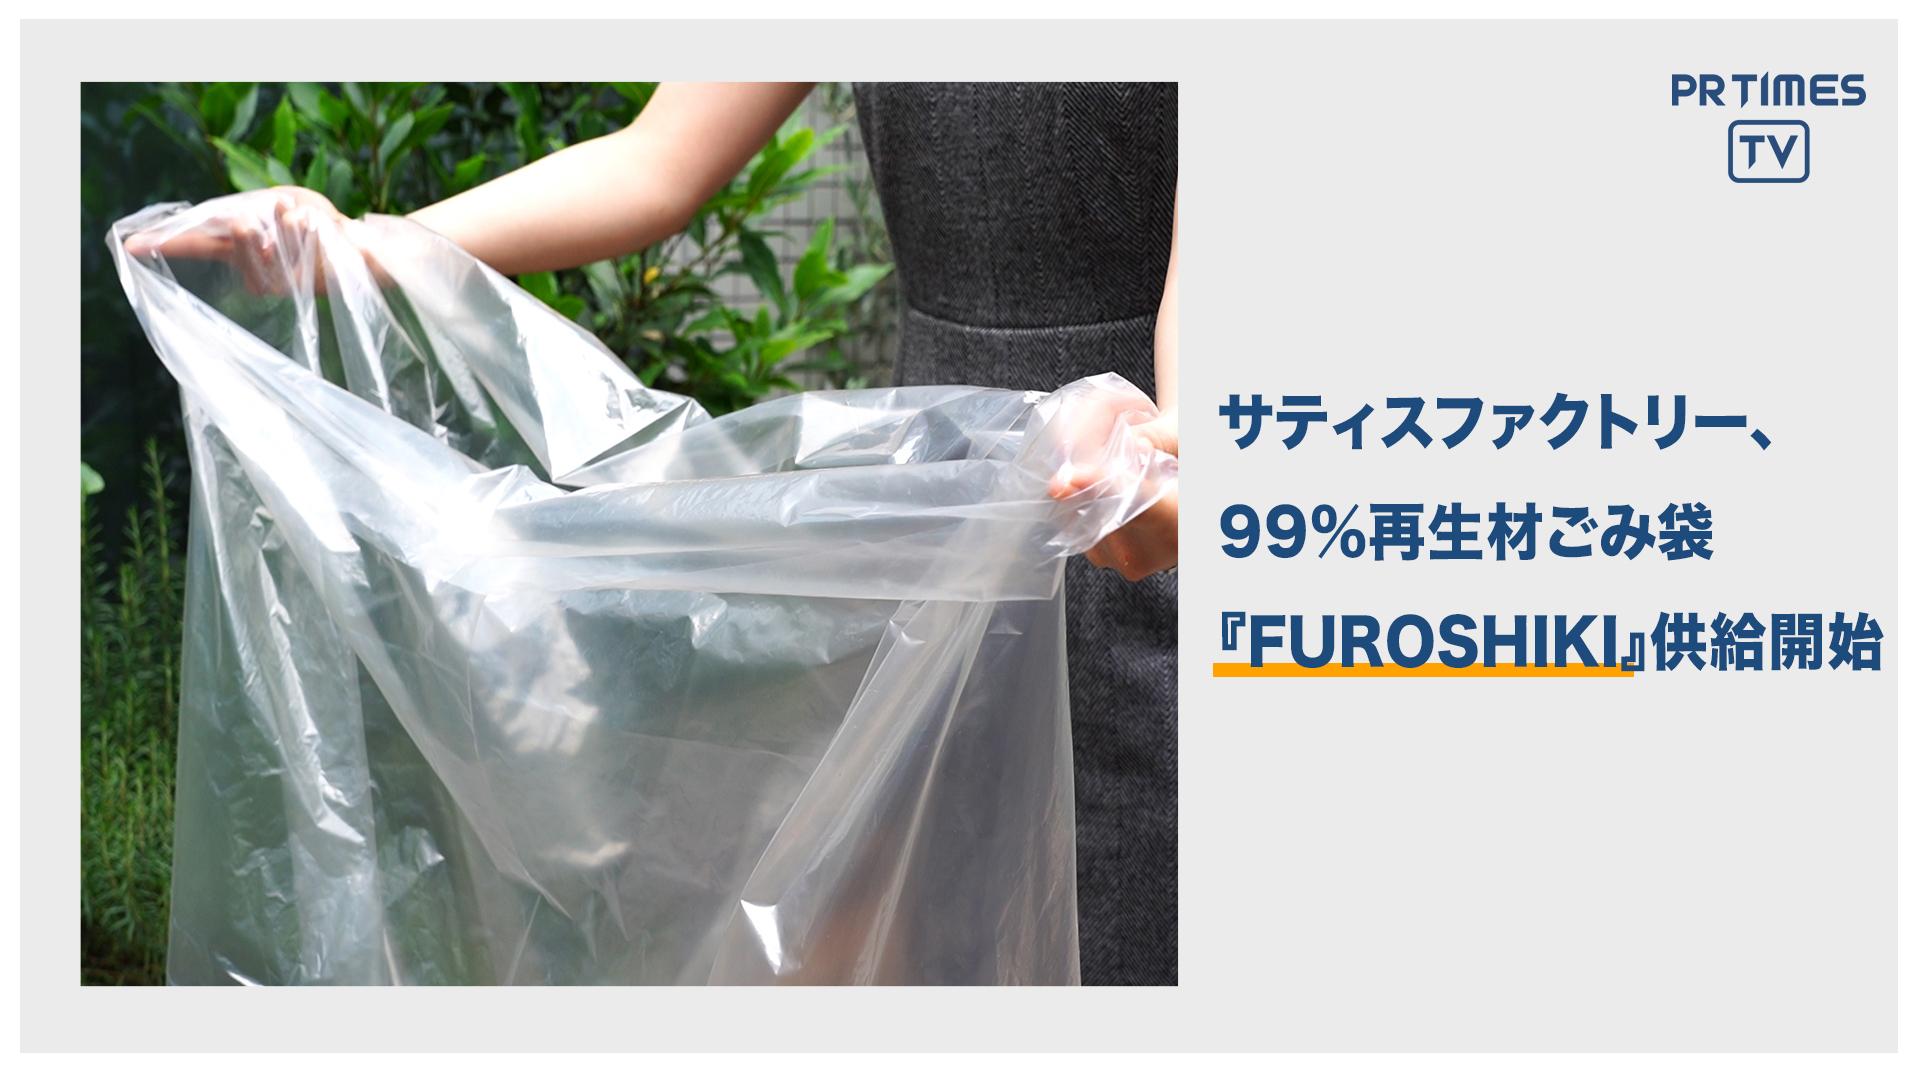 サティスファクトリー、99%再生材を使用したごみ袋「FUROSHIKI」を事業者向けに供給開始